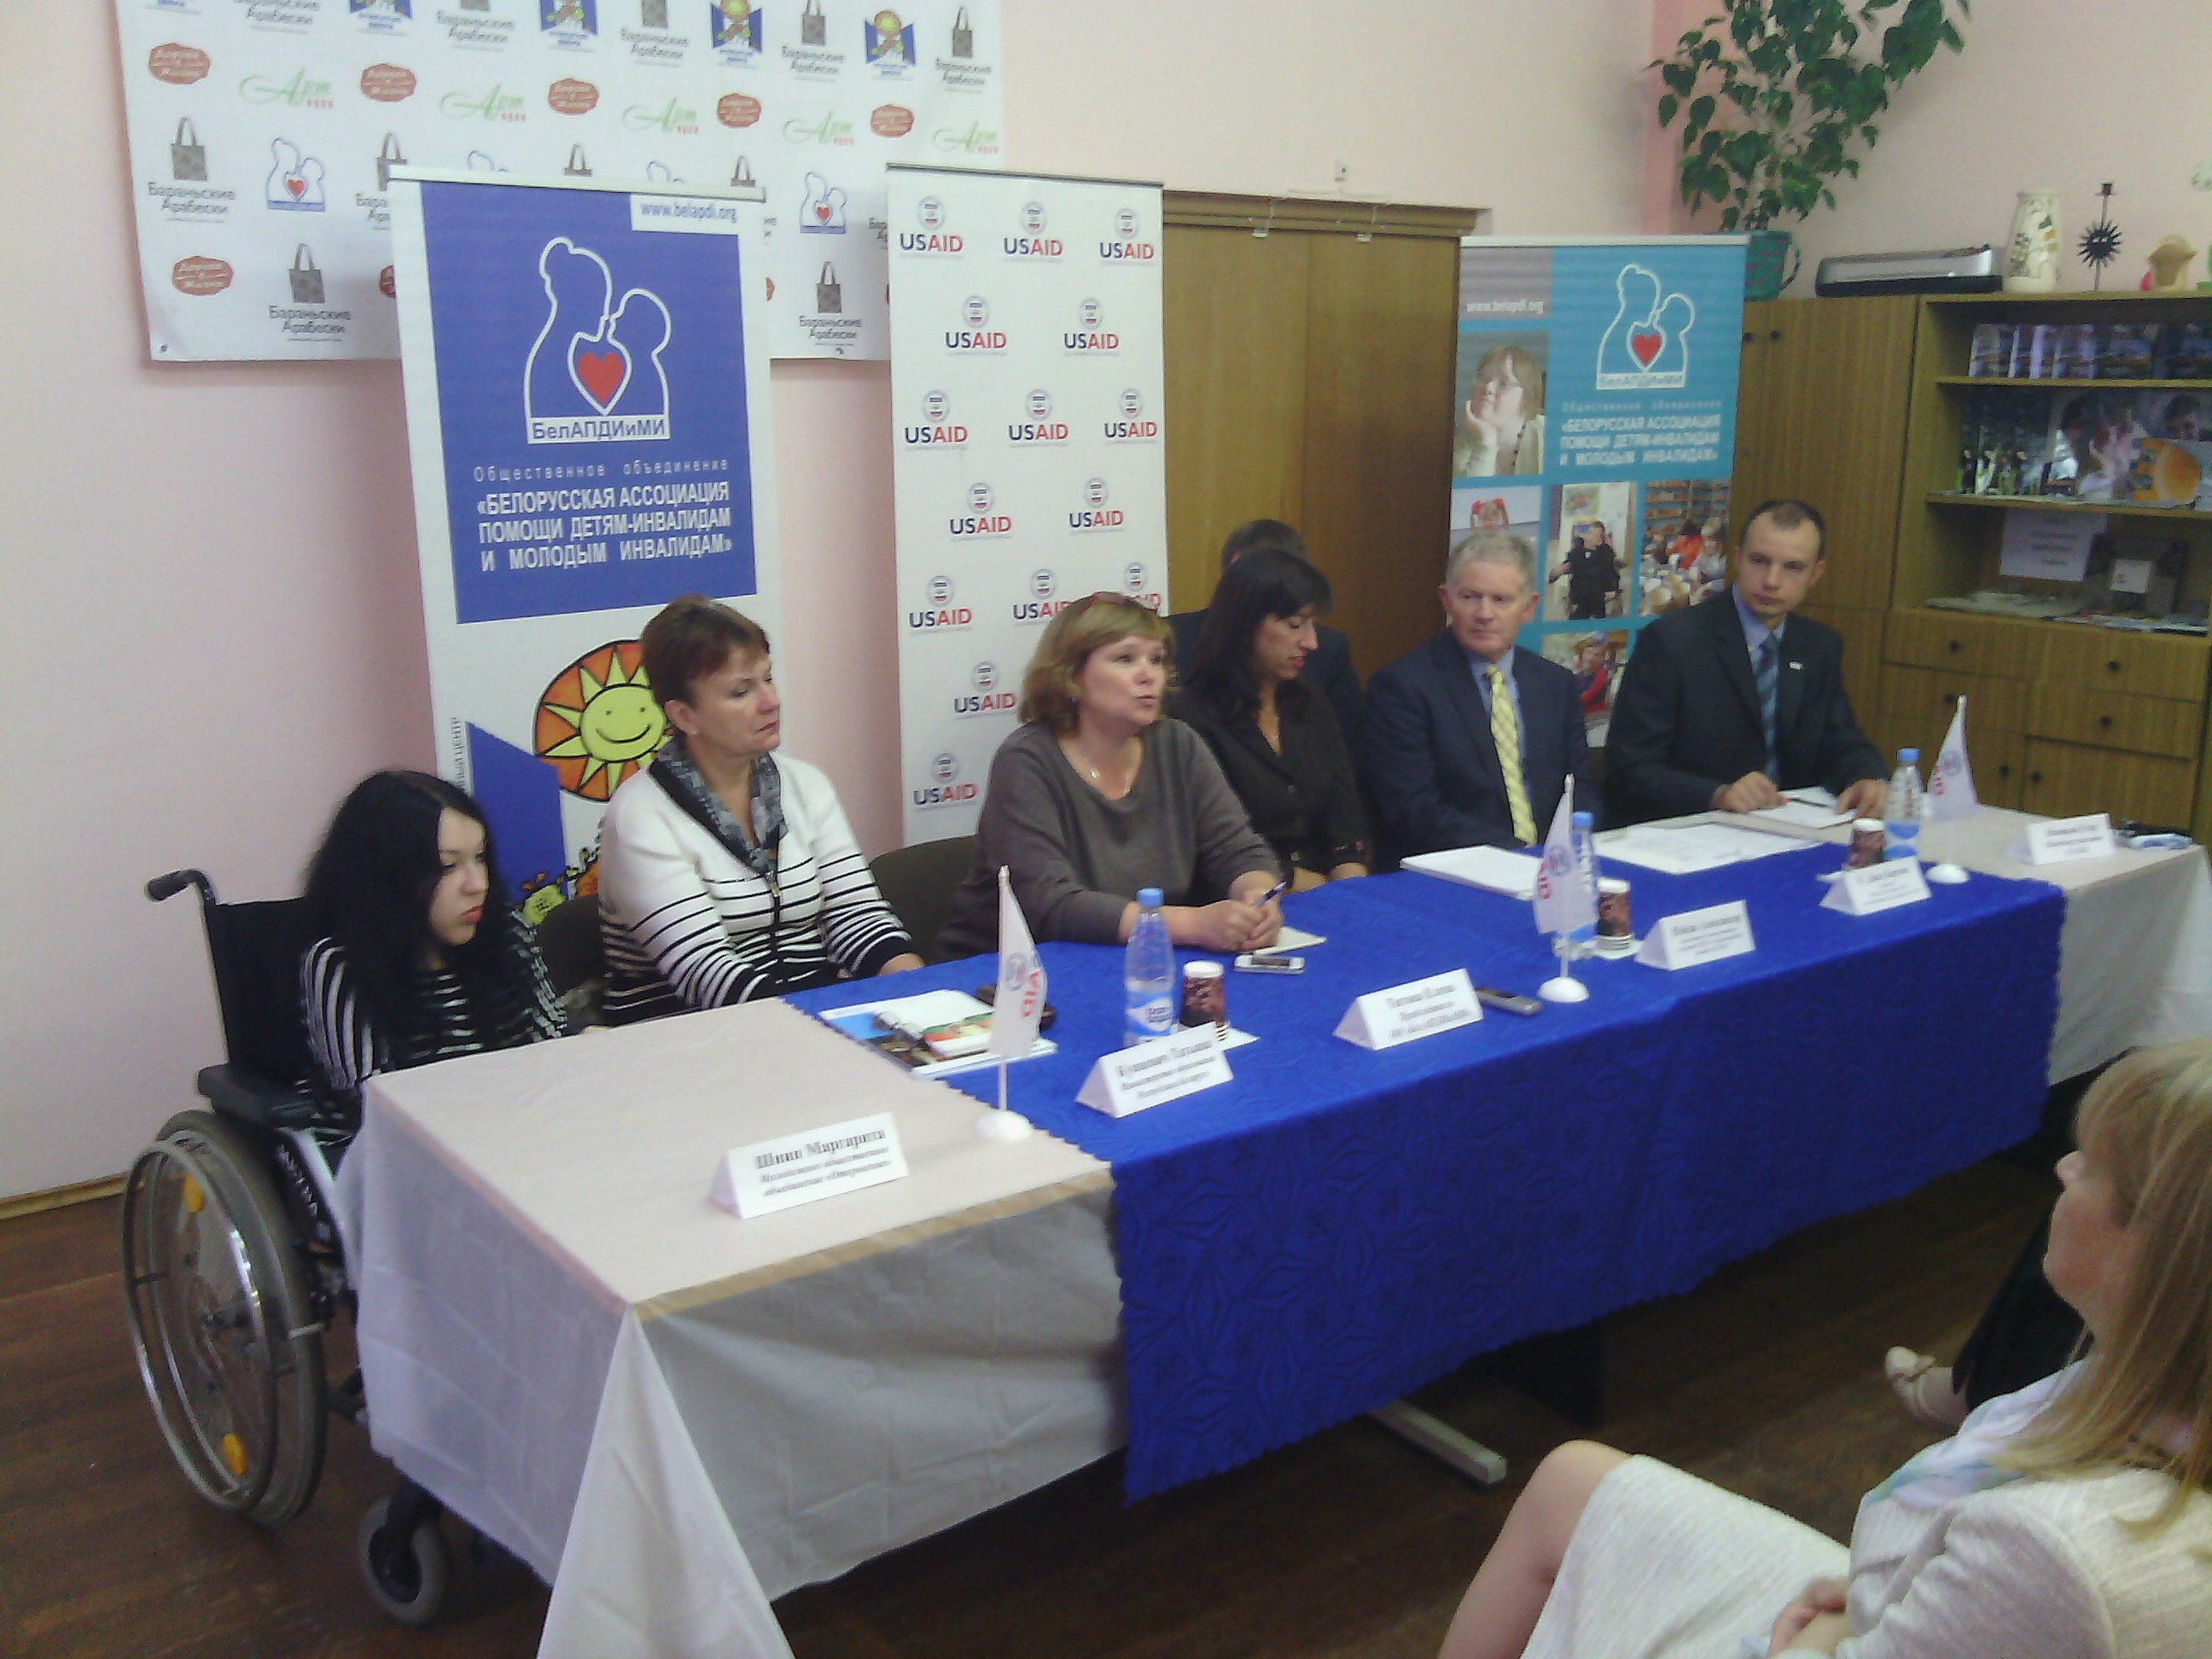 В Минске стартовал проект создания положительного образа людей с инвалидностью через искусство